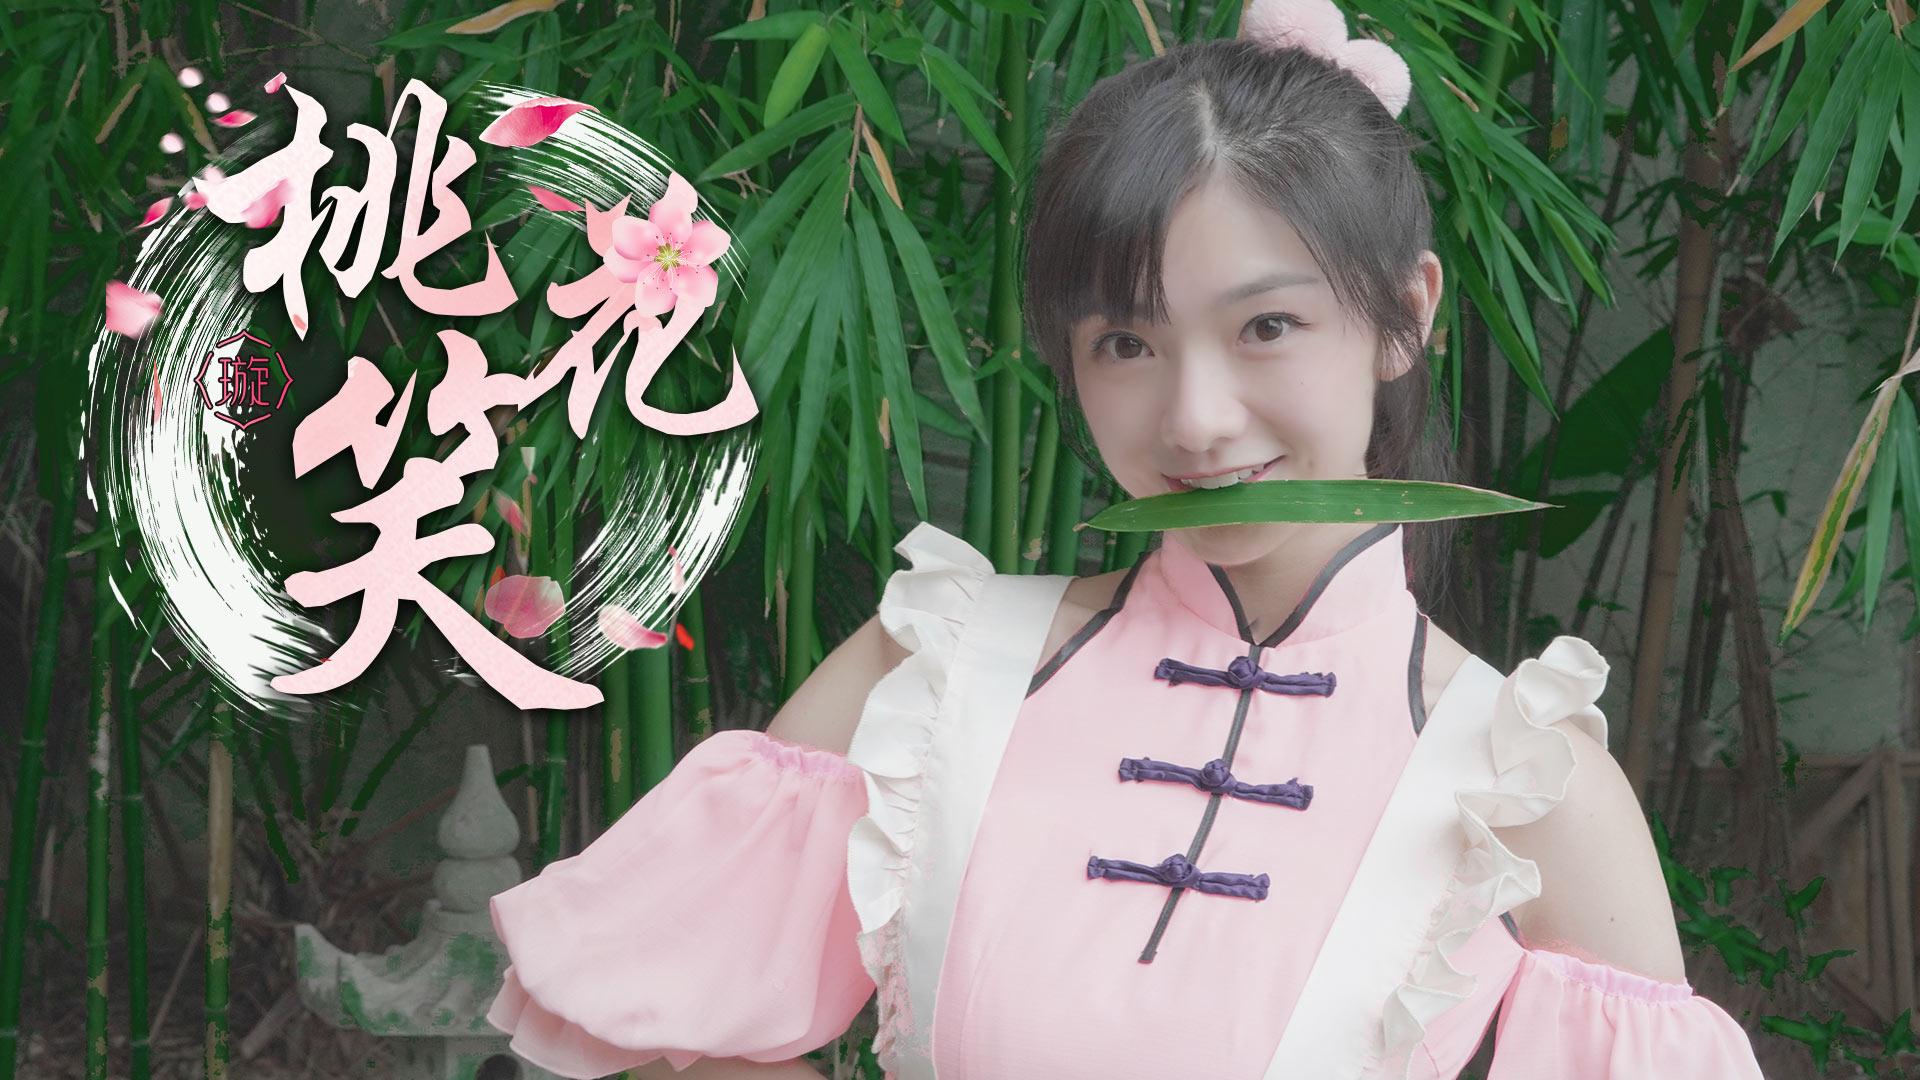 百变少女 萧璇-【萧璇】桃花笑 一起蹦蹦跳跳跟桃花儿聊一聊